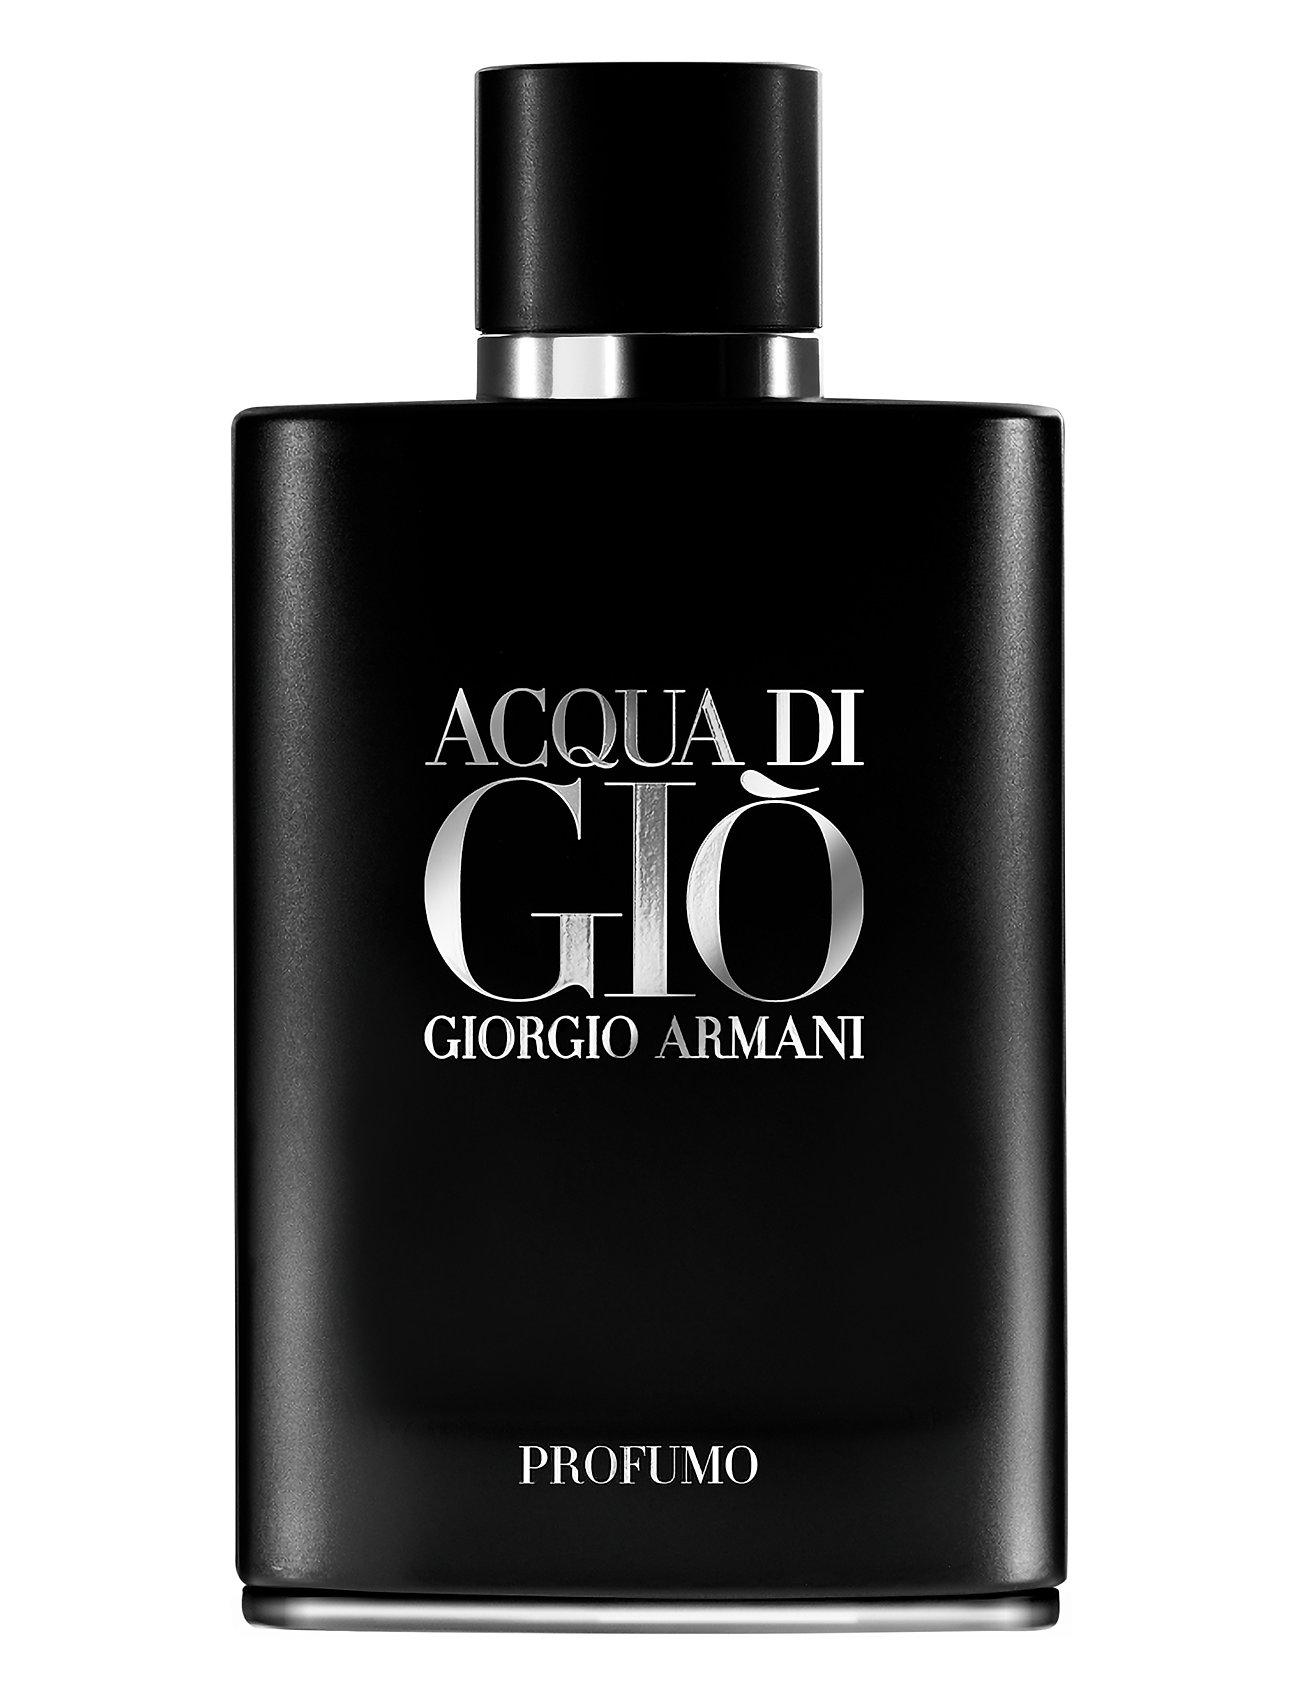 giorgio armani Acqua di giã² profumo 125 ml på boozt.com dk